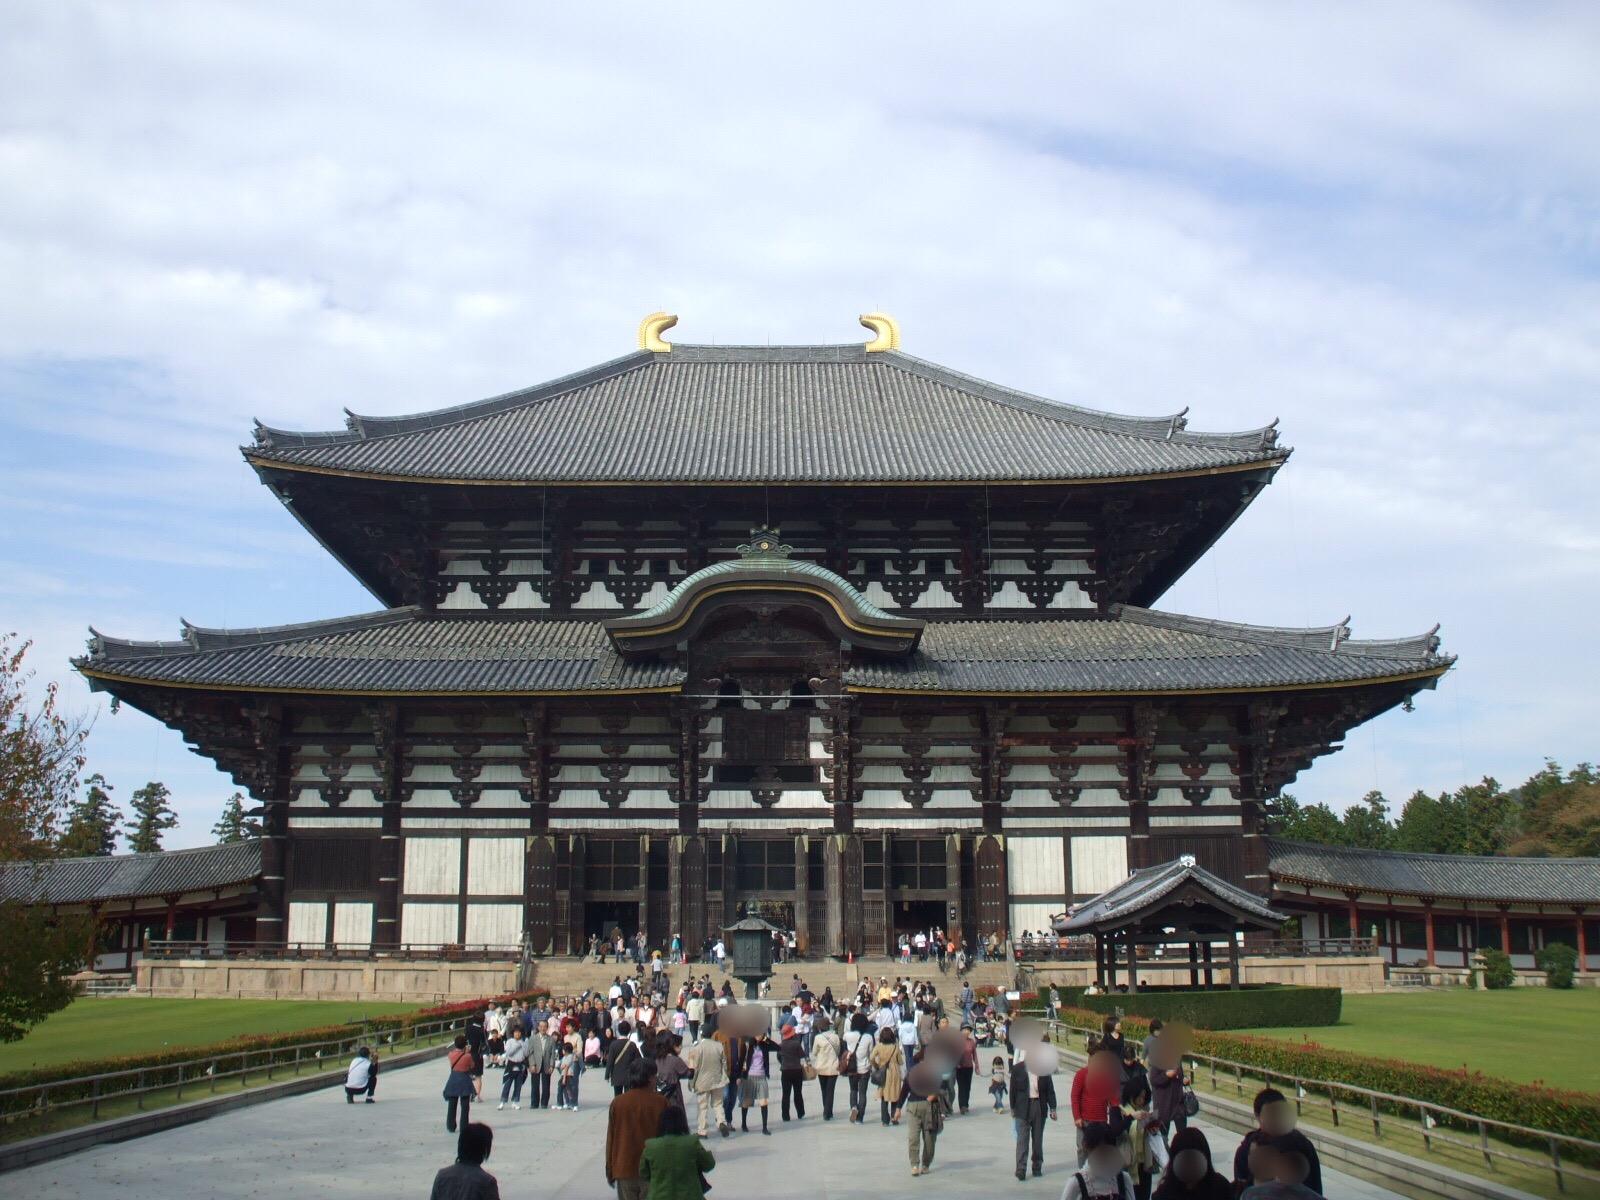 【奈良公園③ 東大寺大仏殿(奈良の大仏)その1】 奈良観光の定番スポット! 国宝で世界遺産。奈良の大仏が作られたワケとは・・・